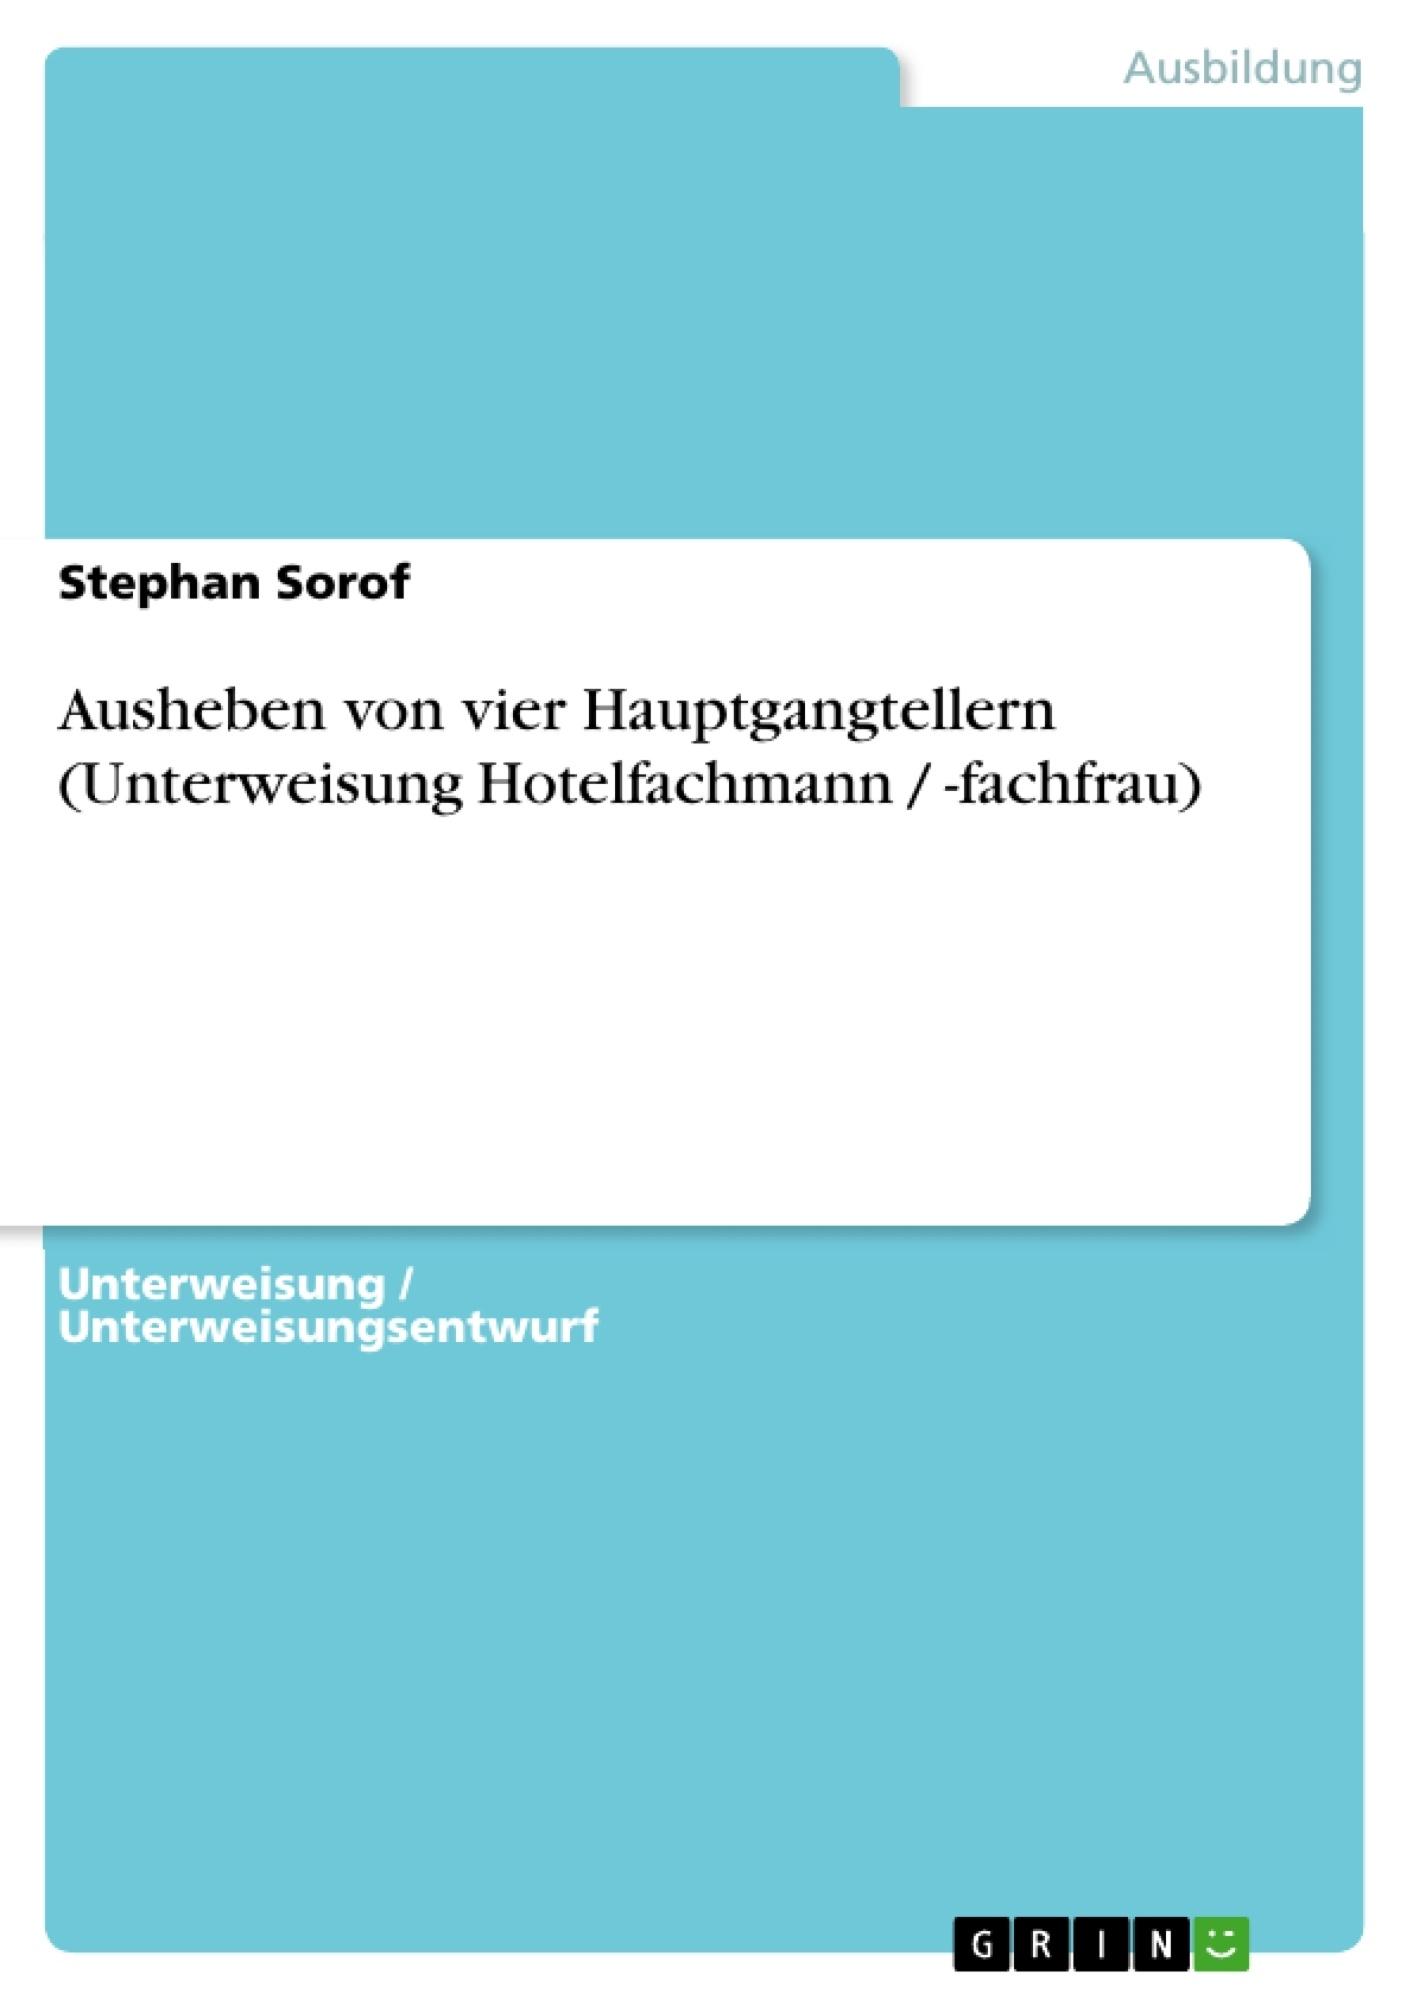 Titel: Ausheben von vier Hauptgangtellern (Unterweisung Hotelfachmann / -fachfrau)